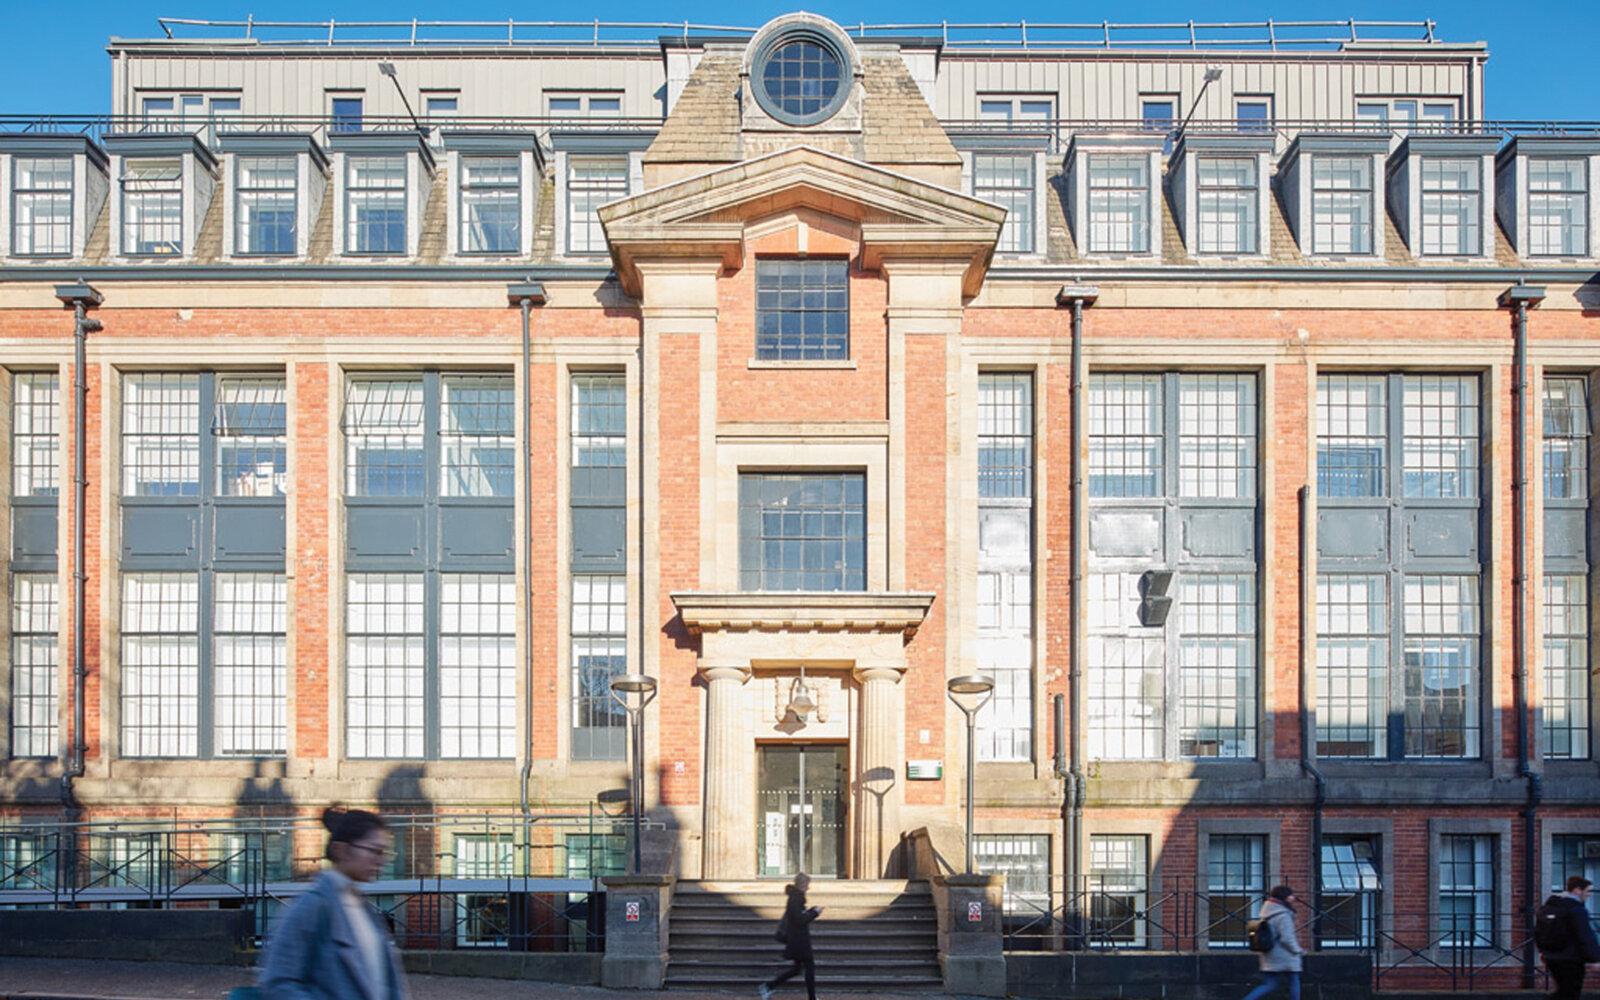 School of Fine Art University of Leeds exterior